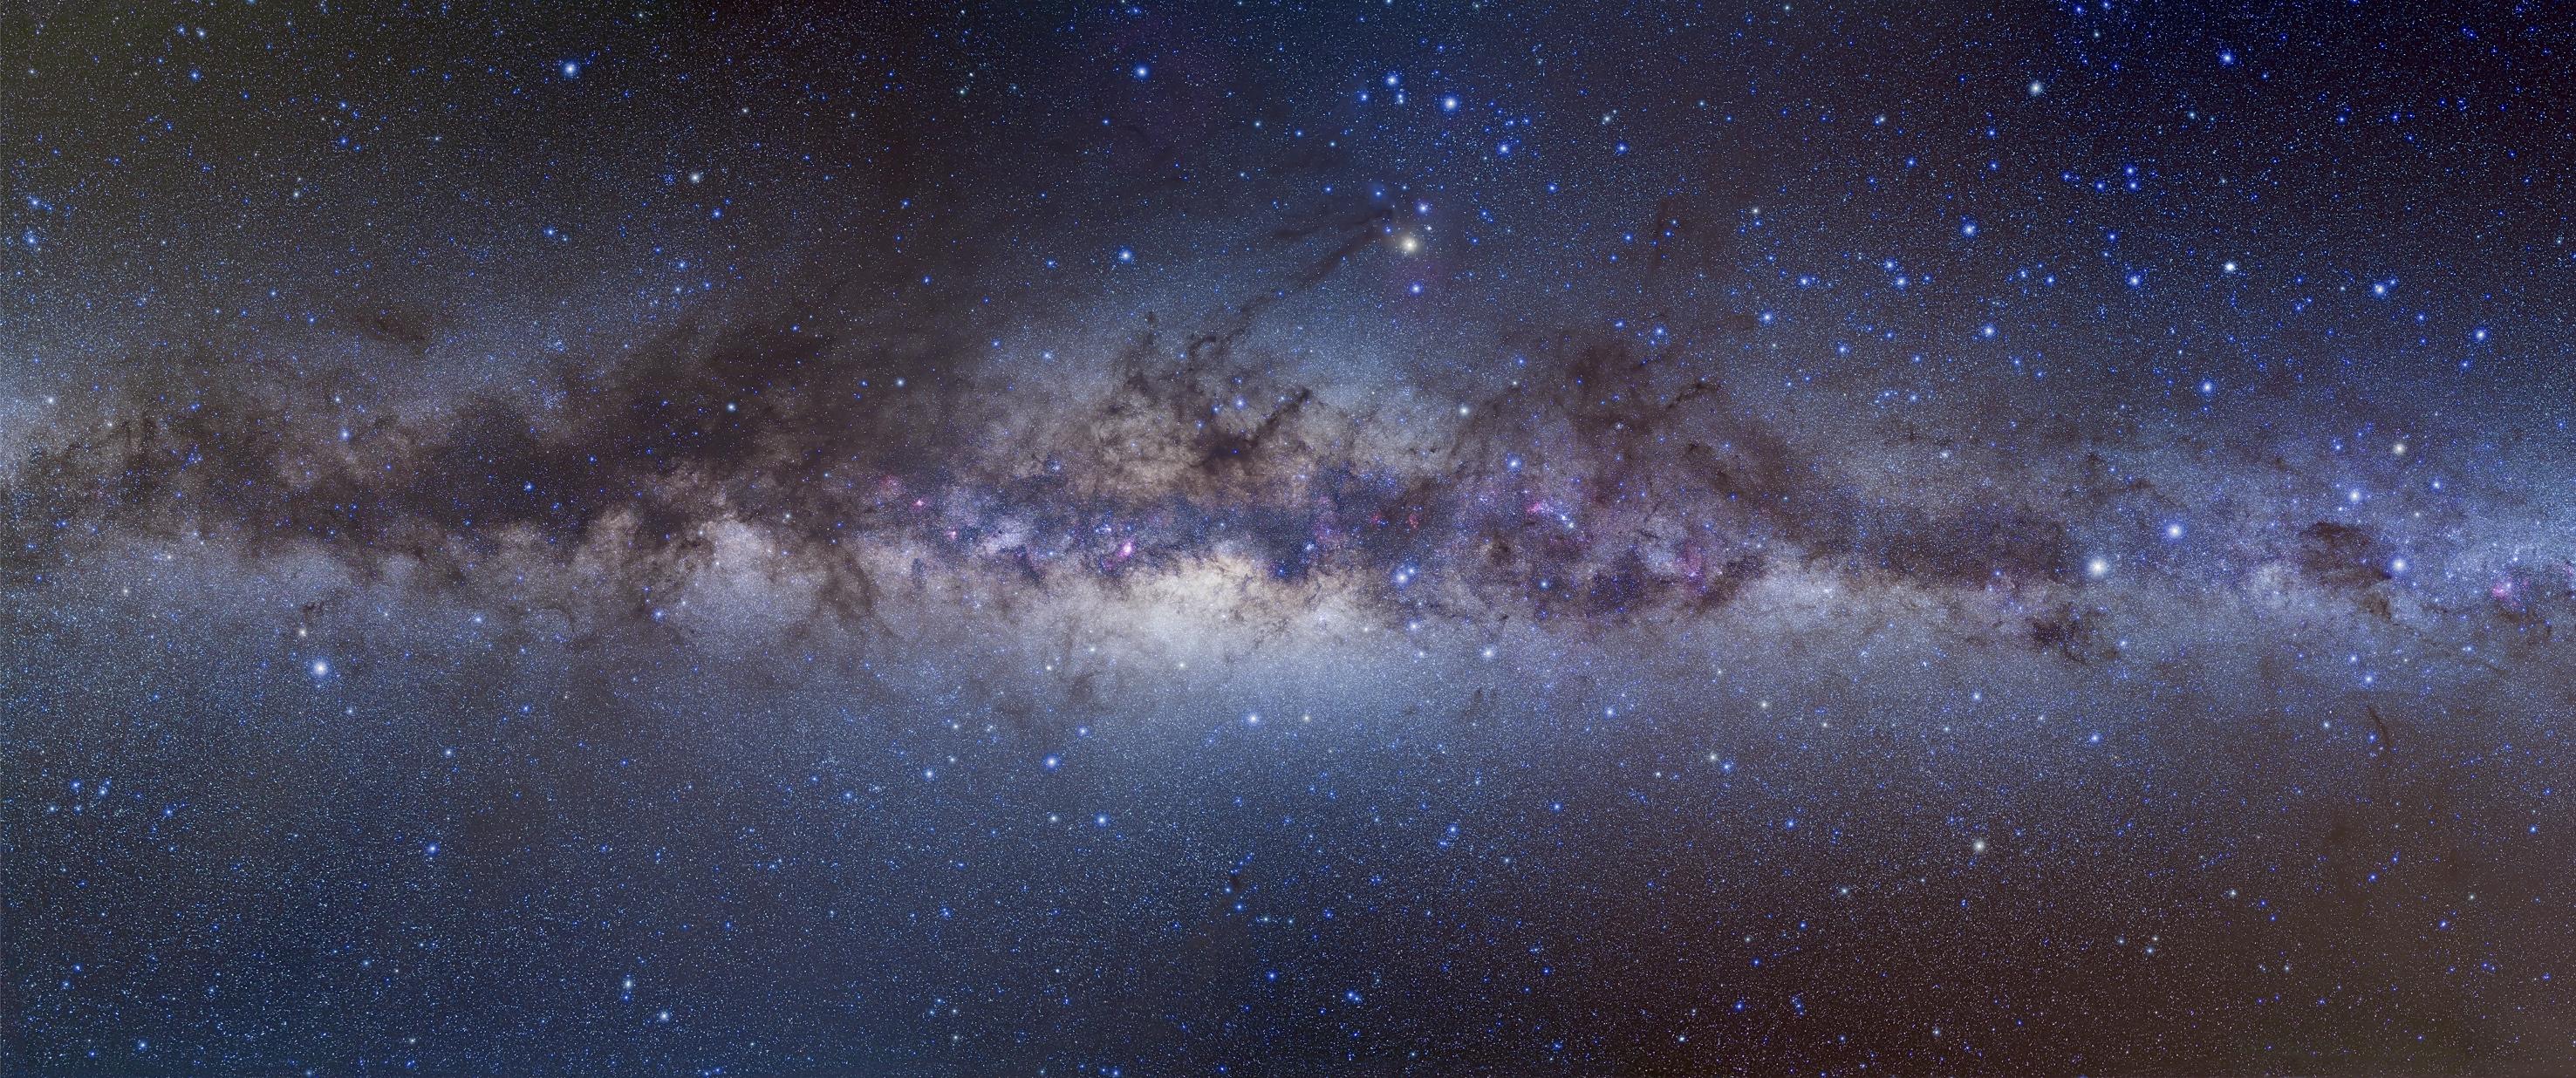 Nasza galaktyka może mieć zupełnie inny kształt niż myśleliśmy